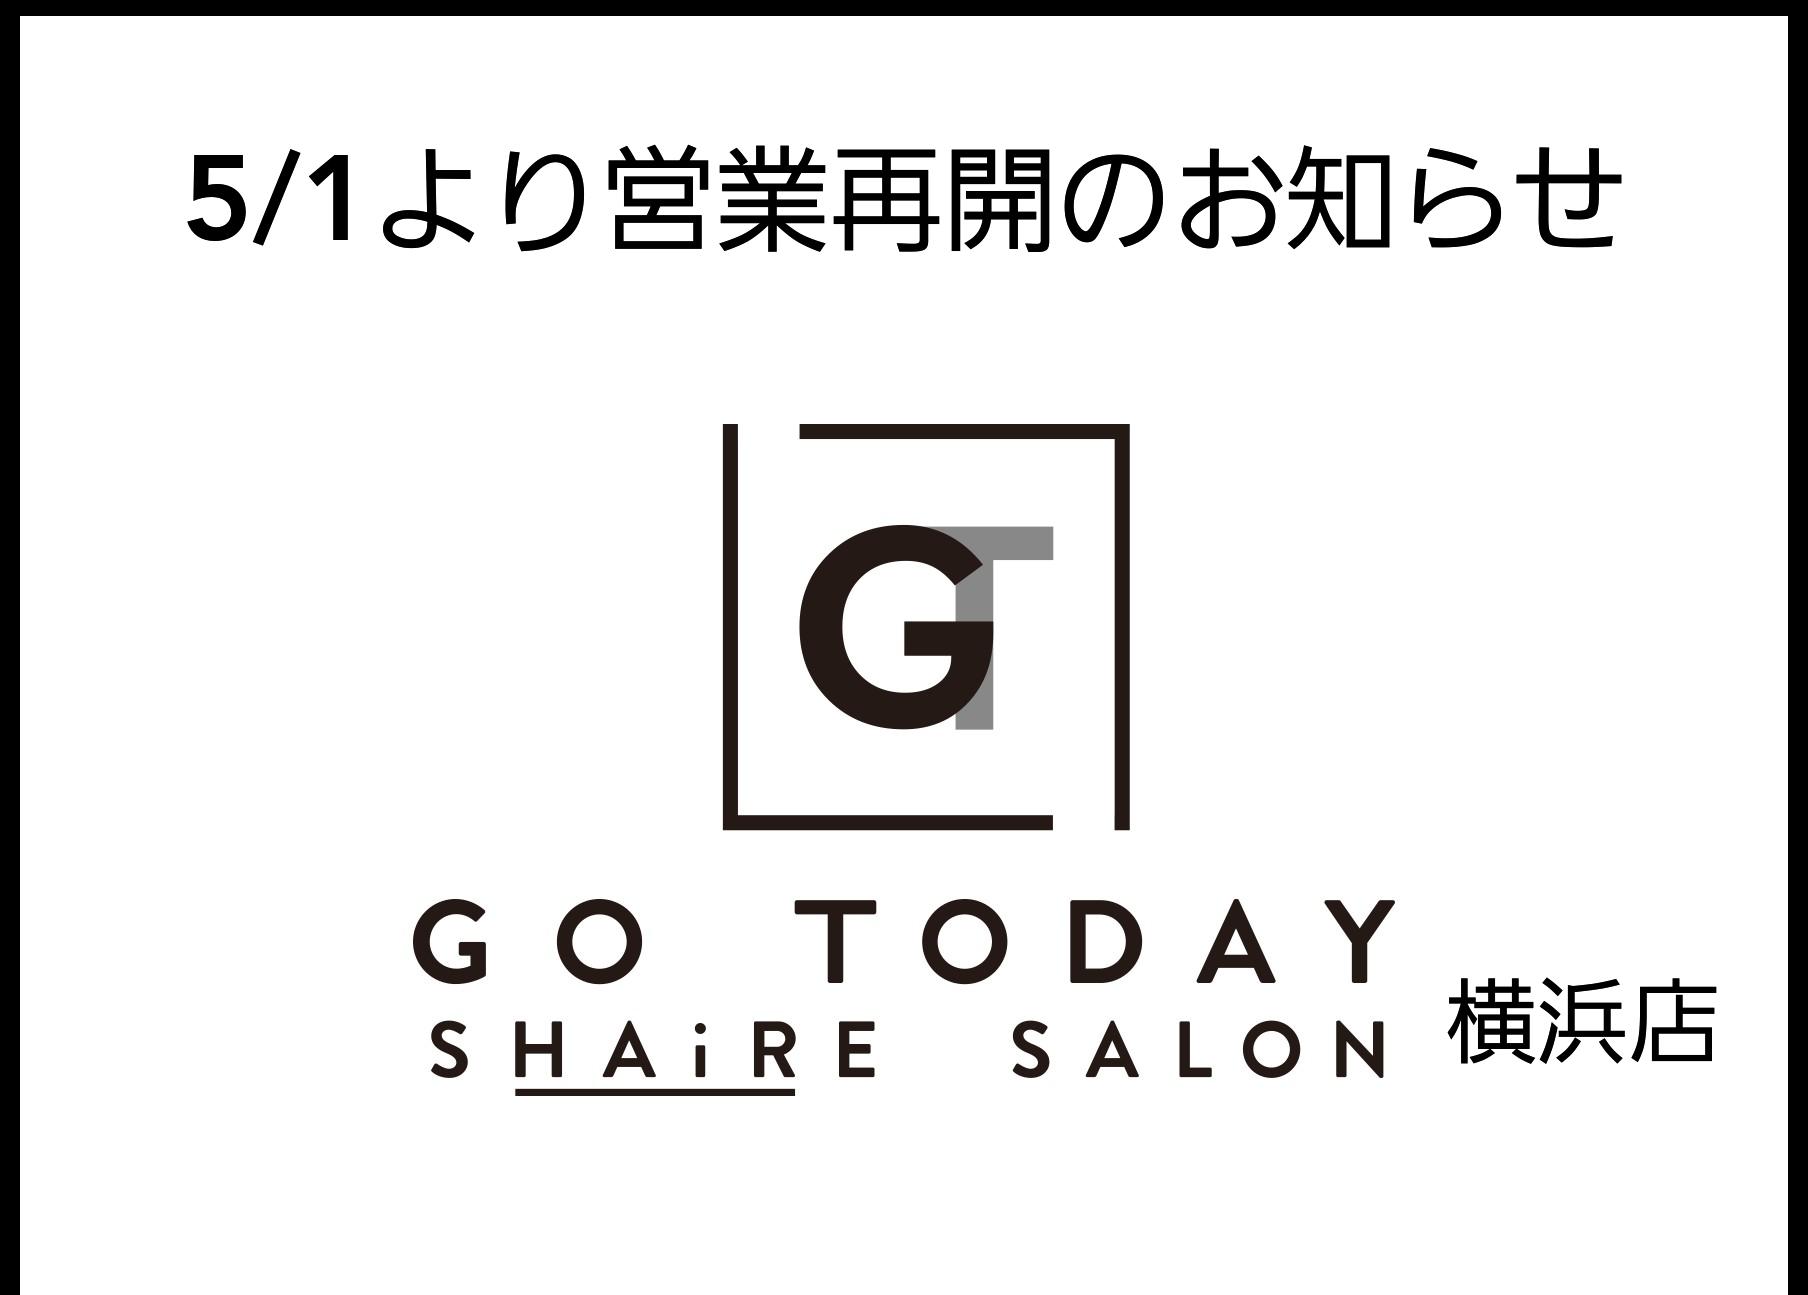 【営業再開のお知らせ】5月1日より営業再開します。